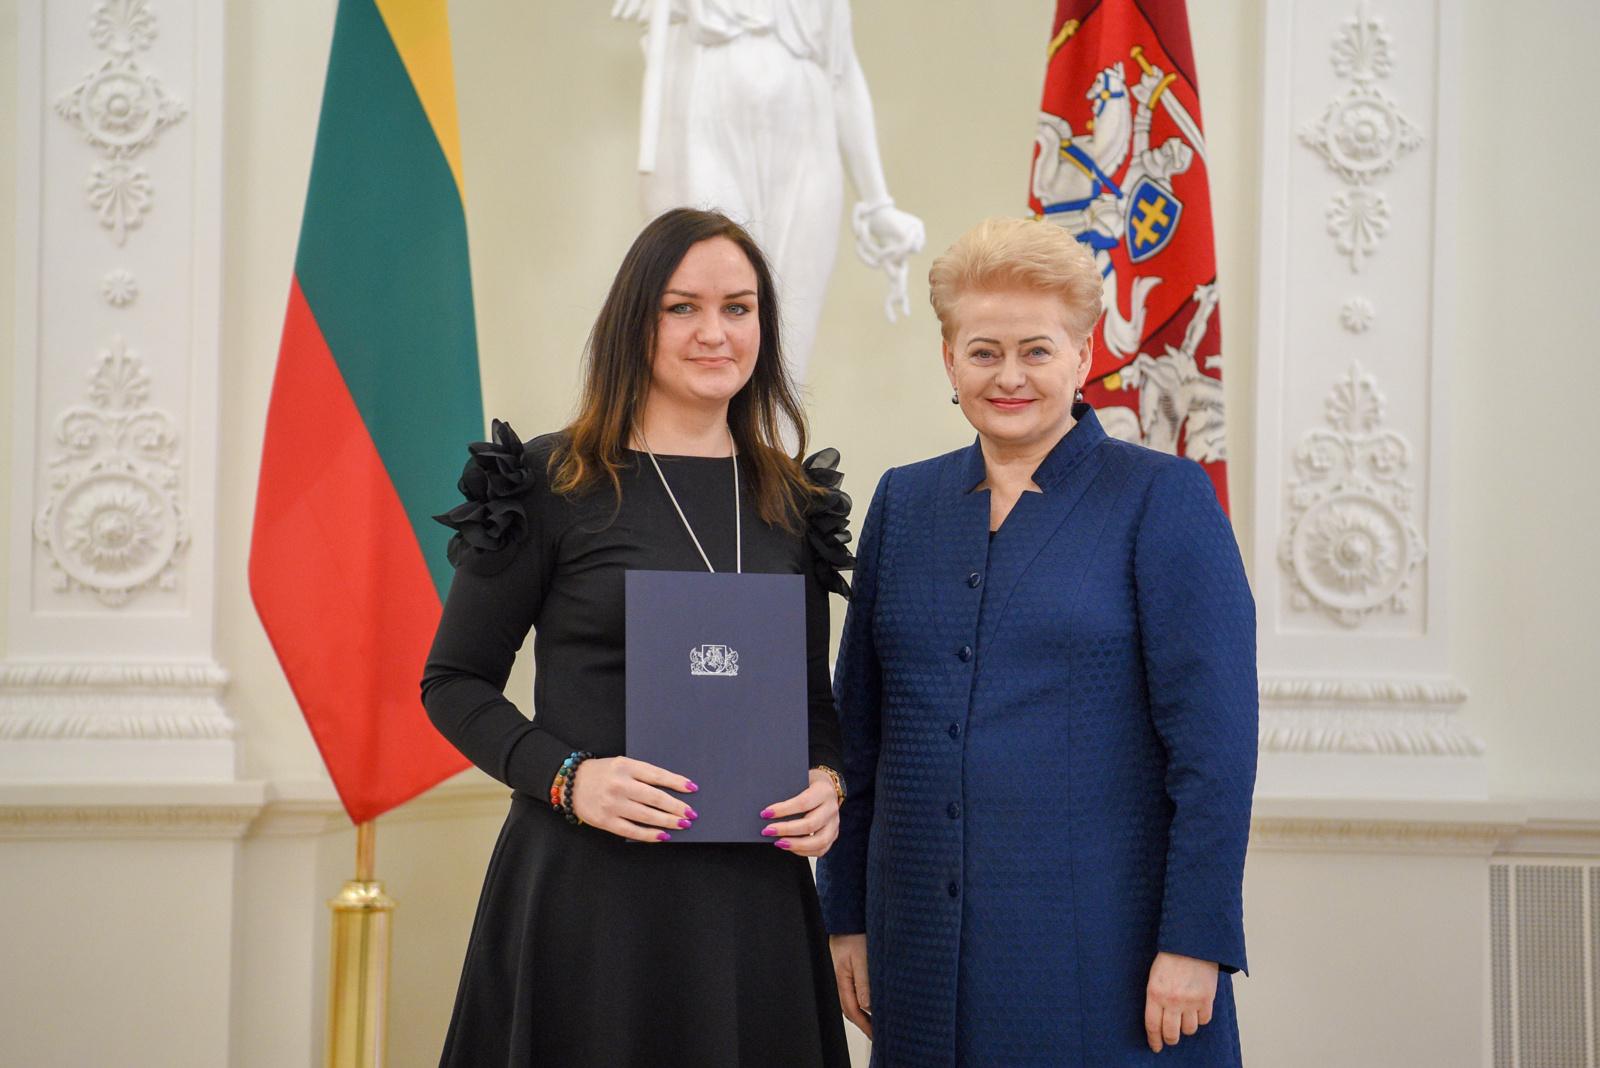 Už inovatyvius sprendimus medžiagų inžinerijoje KTU doktorantei – apdovanojimas iš Prezidentės rankų